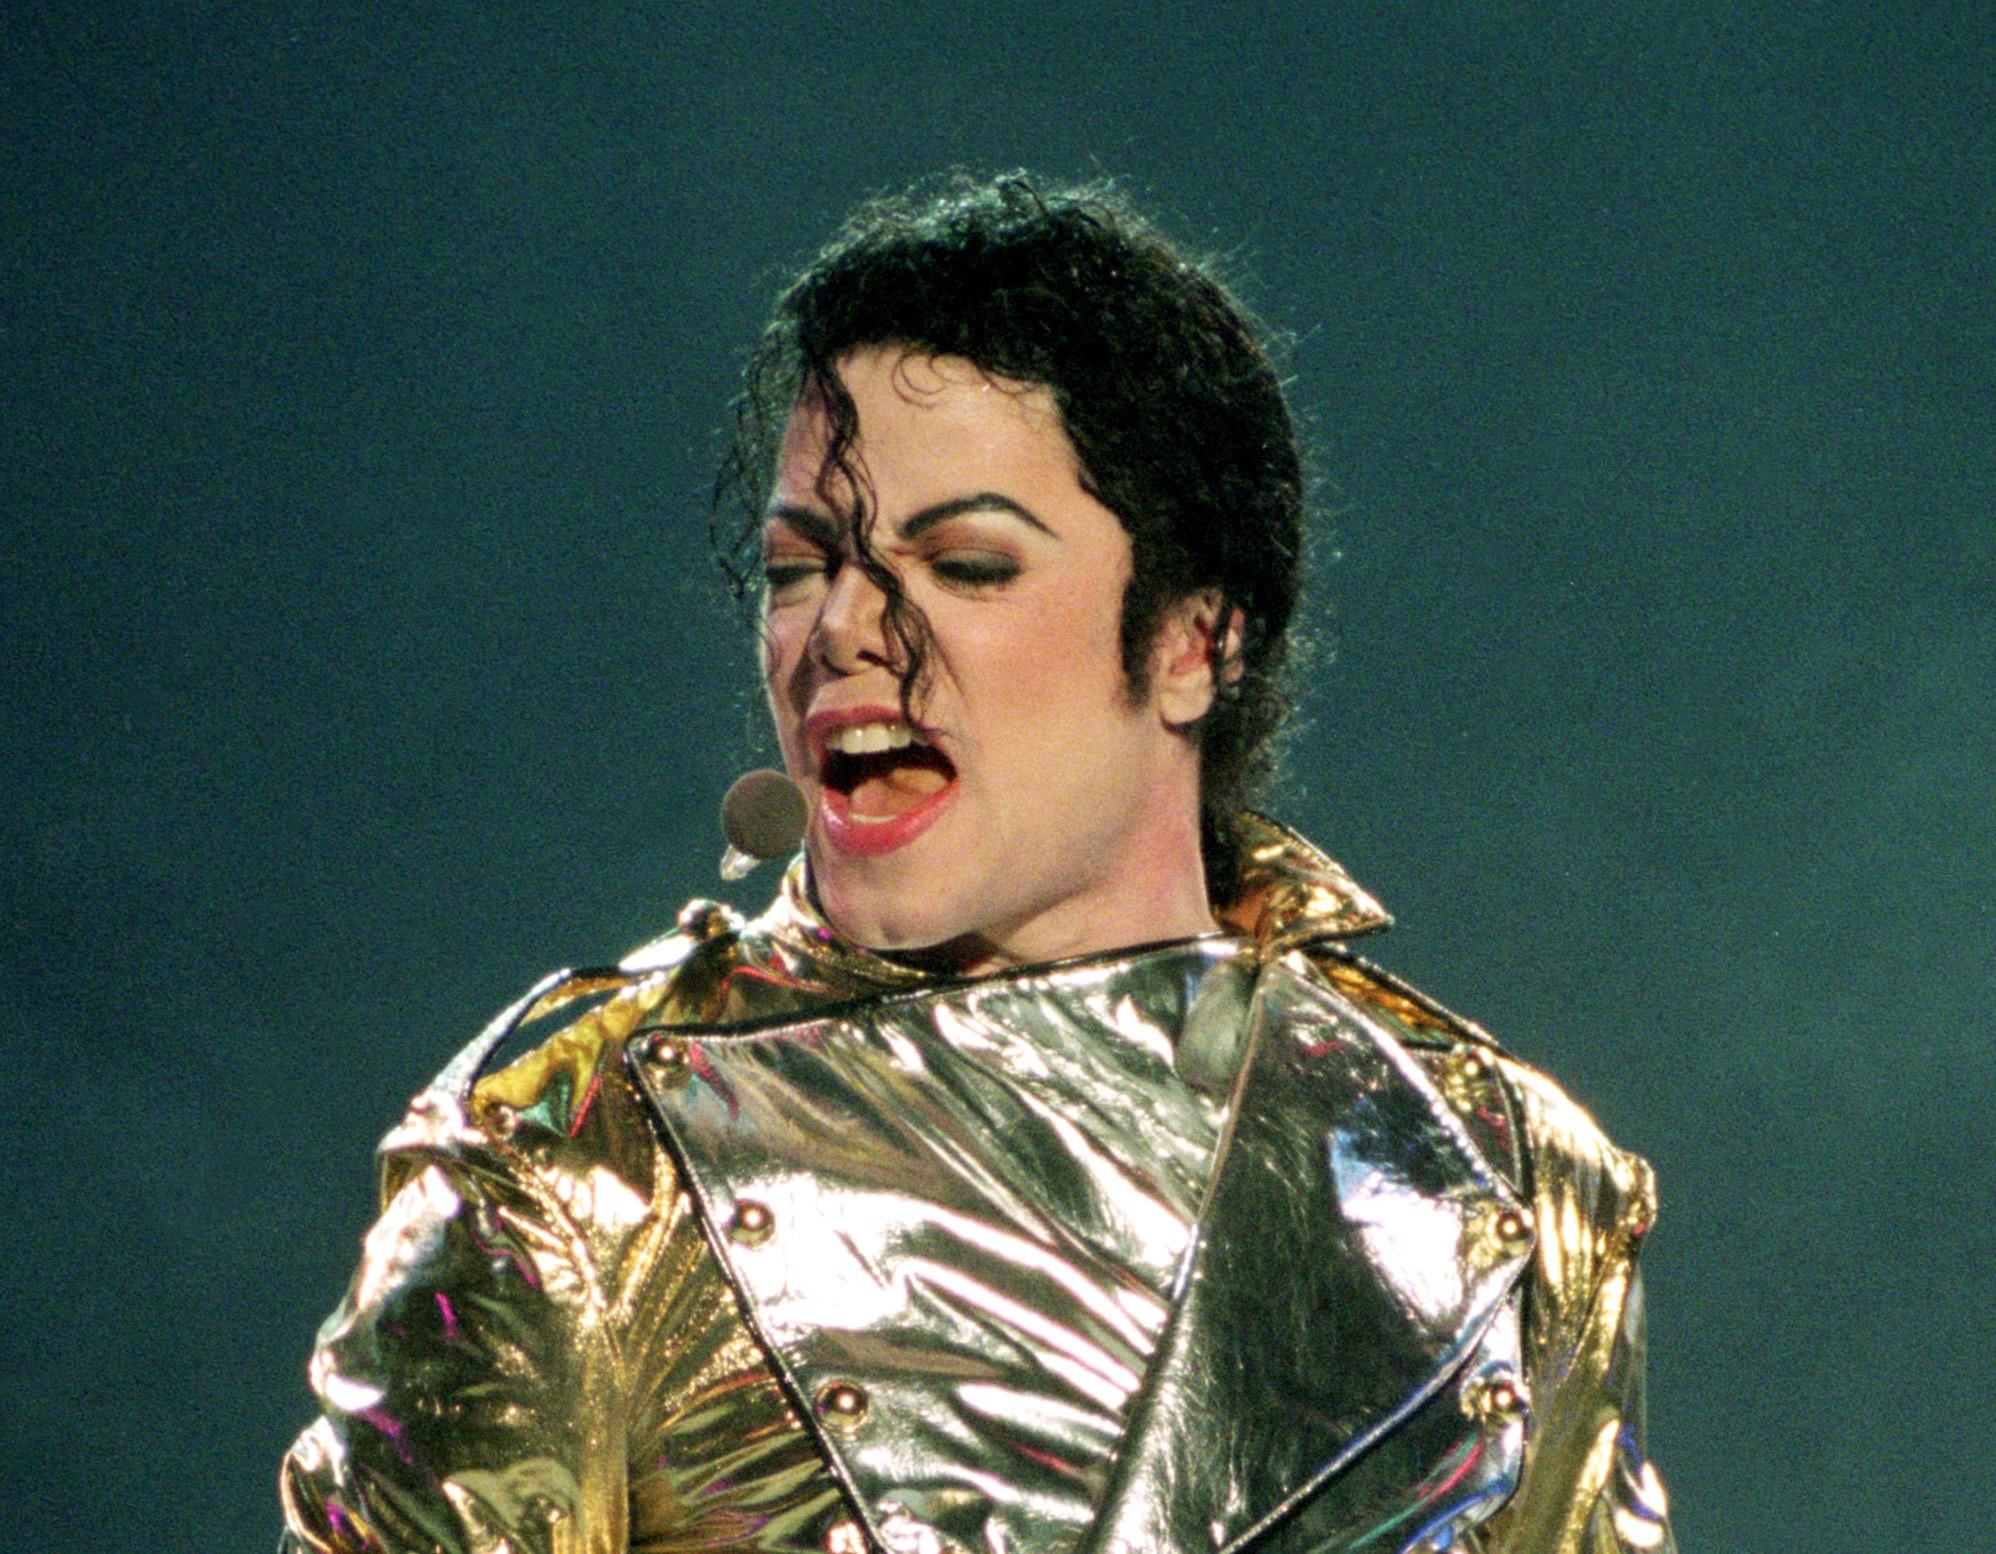 Годовщина смерти Майкла Джексона